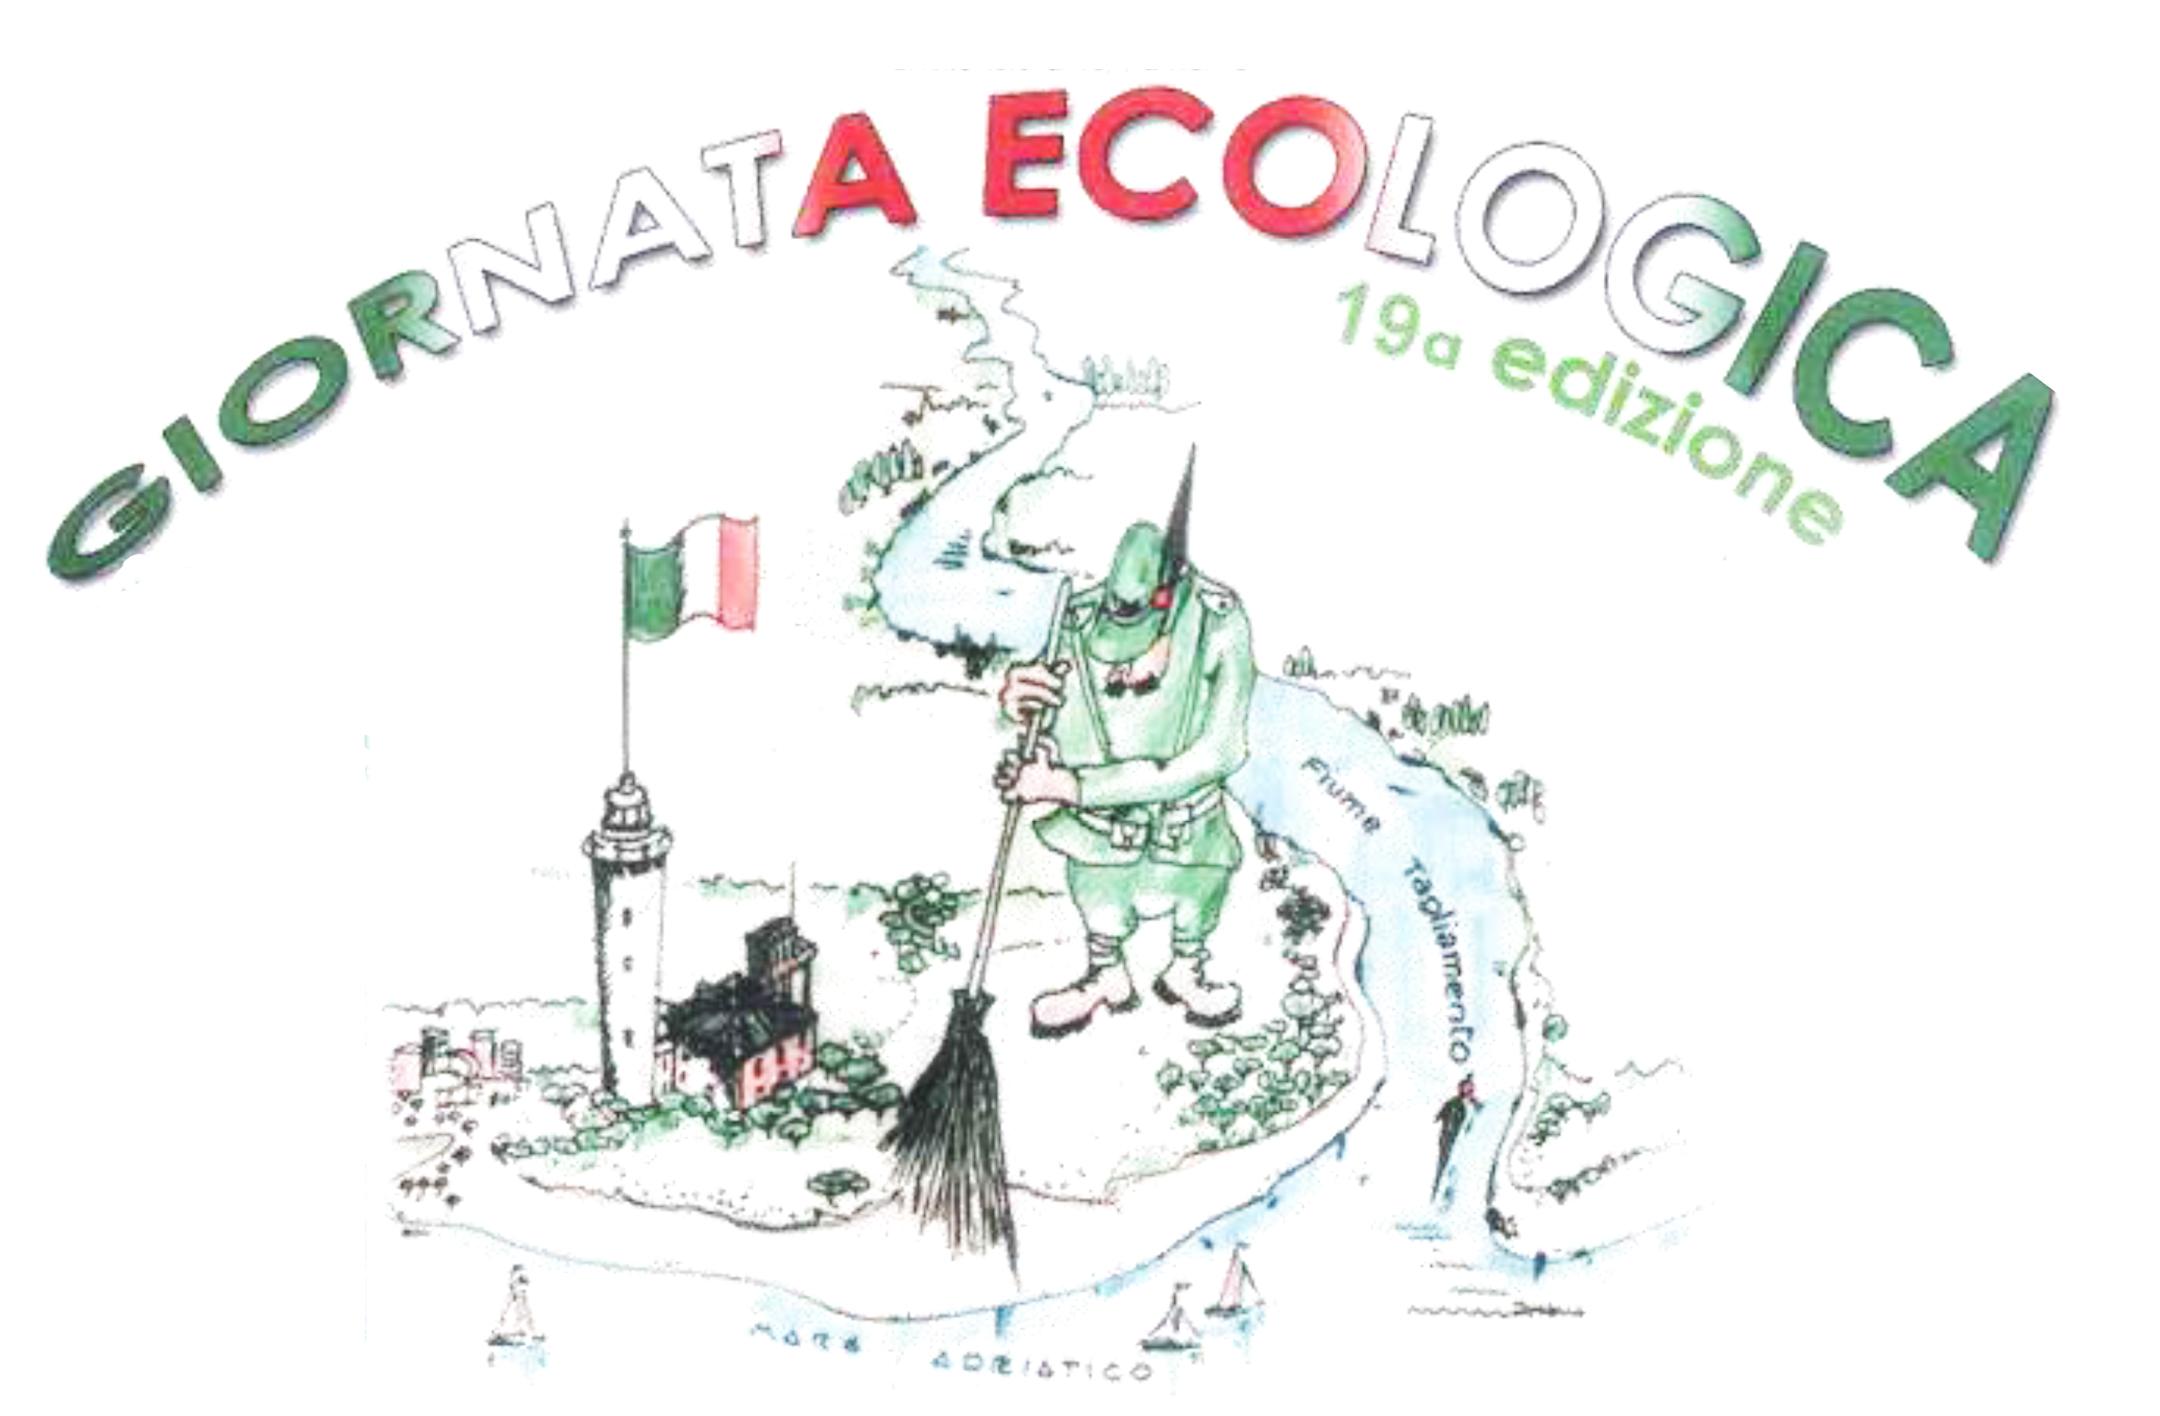 Giornata Ecologica Bibione